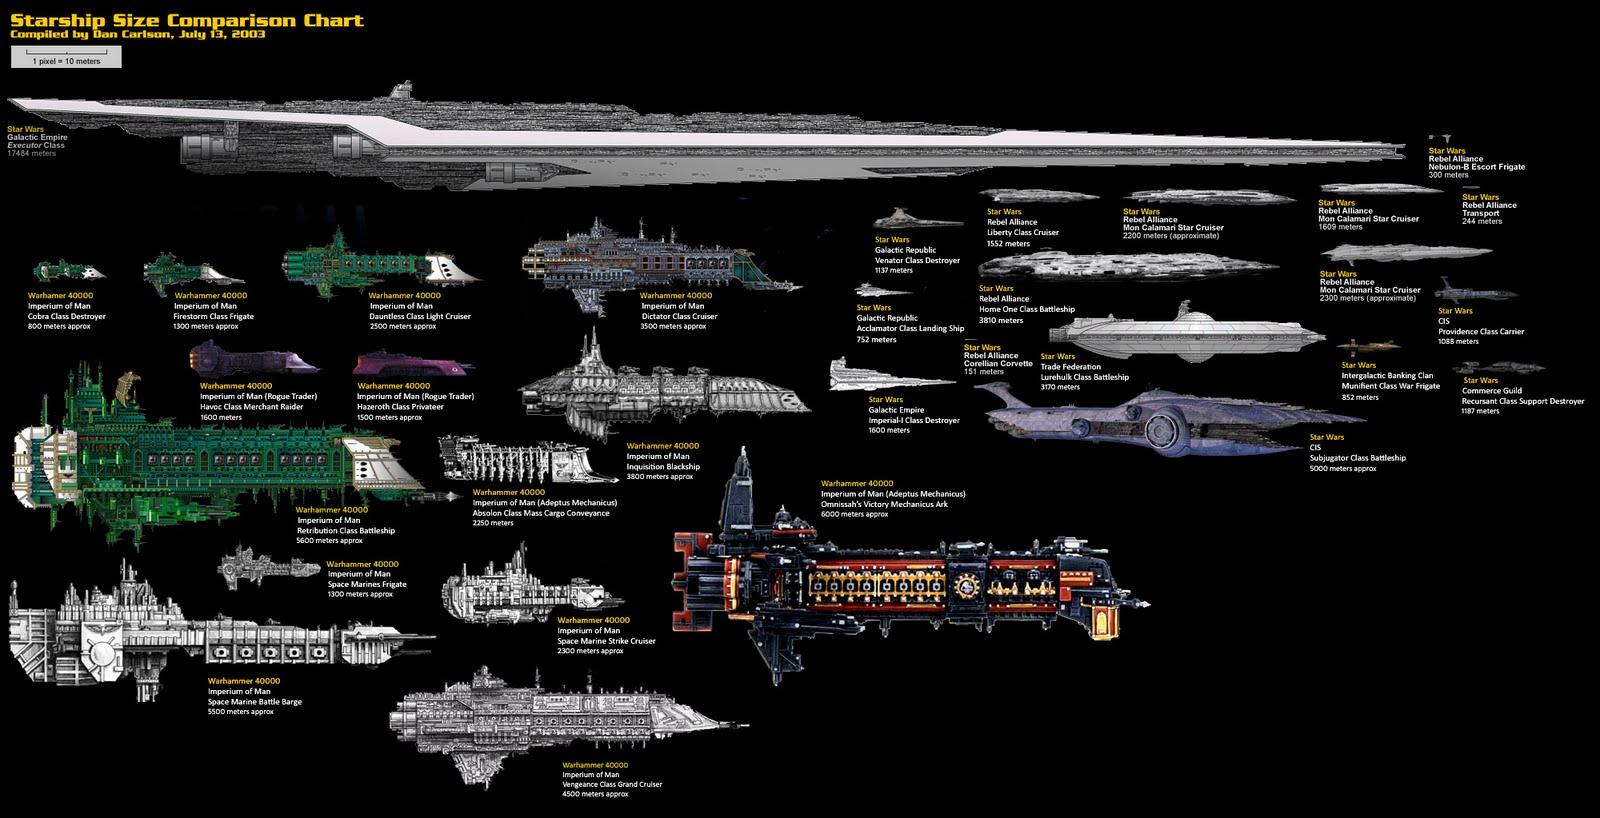 BFG à l'échelle 40k Warhammer%2Bvs%2Bstar%2Bwars